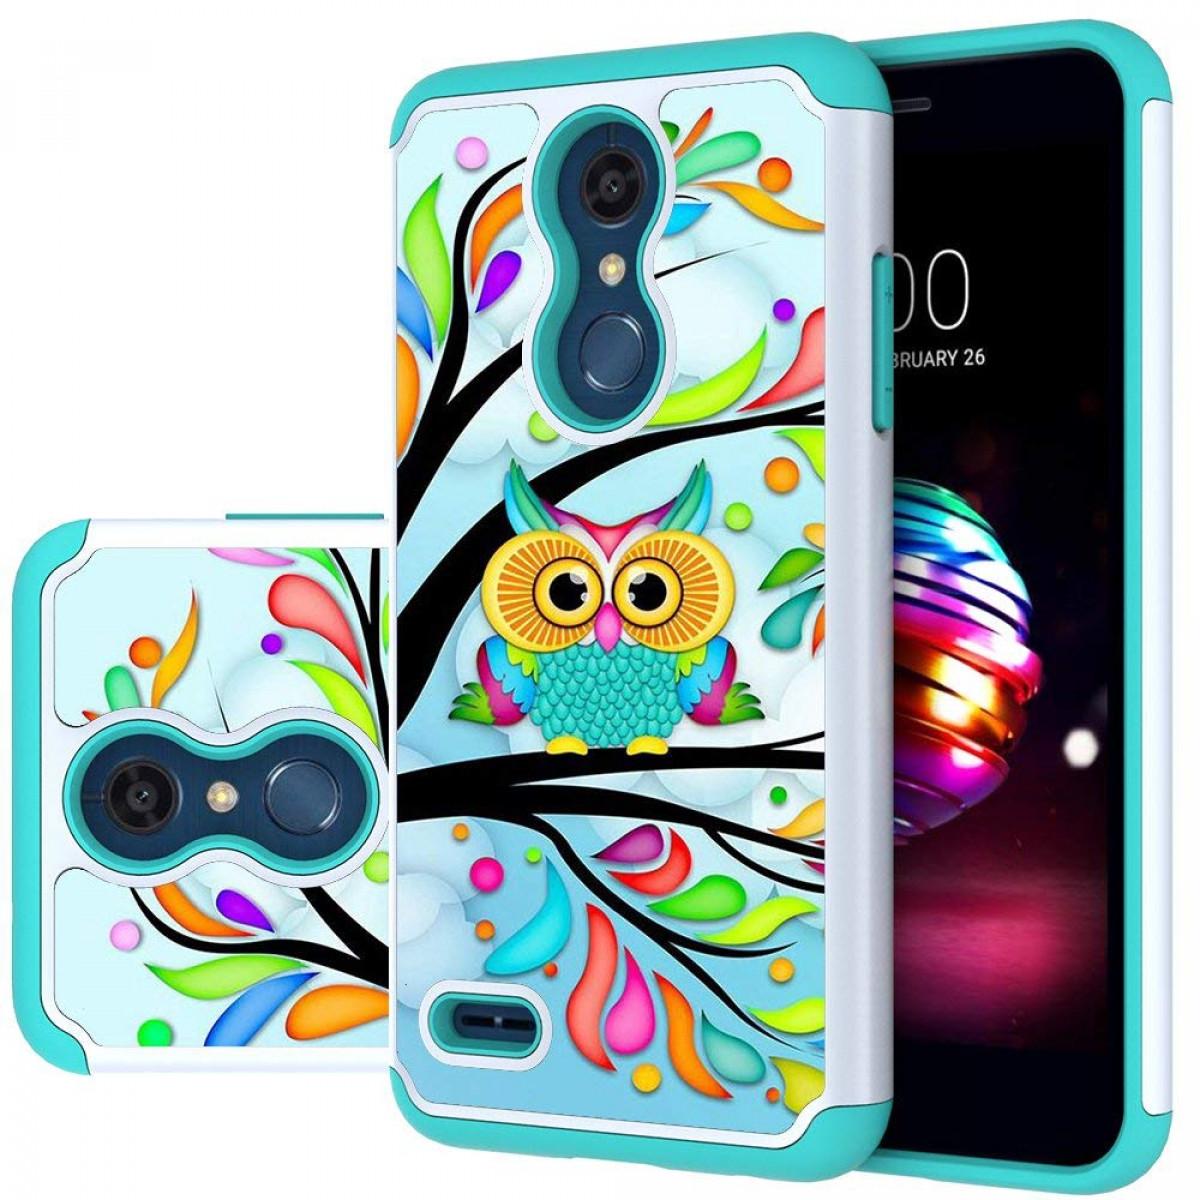 LG K30 Case, LG Phoenix Plus/LG Harmony 2/LG K10 2018/LG Premier Pro  Case,MAIKEZI Hybrid Dual Layer TPU Plastic Phone Case for LG K10 Plus/LG  K10